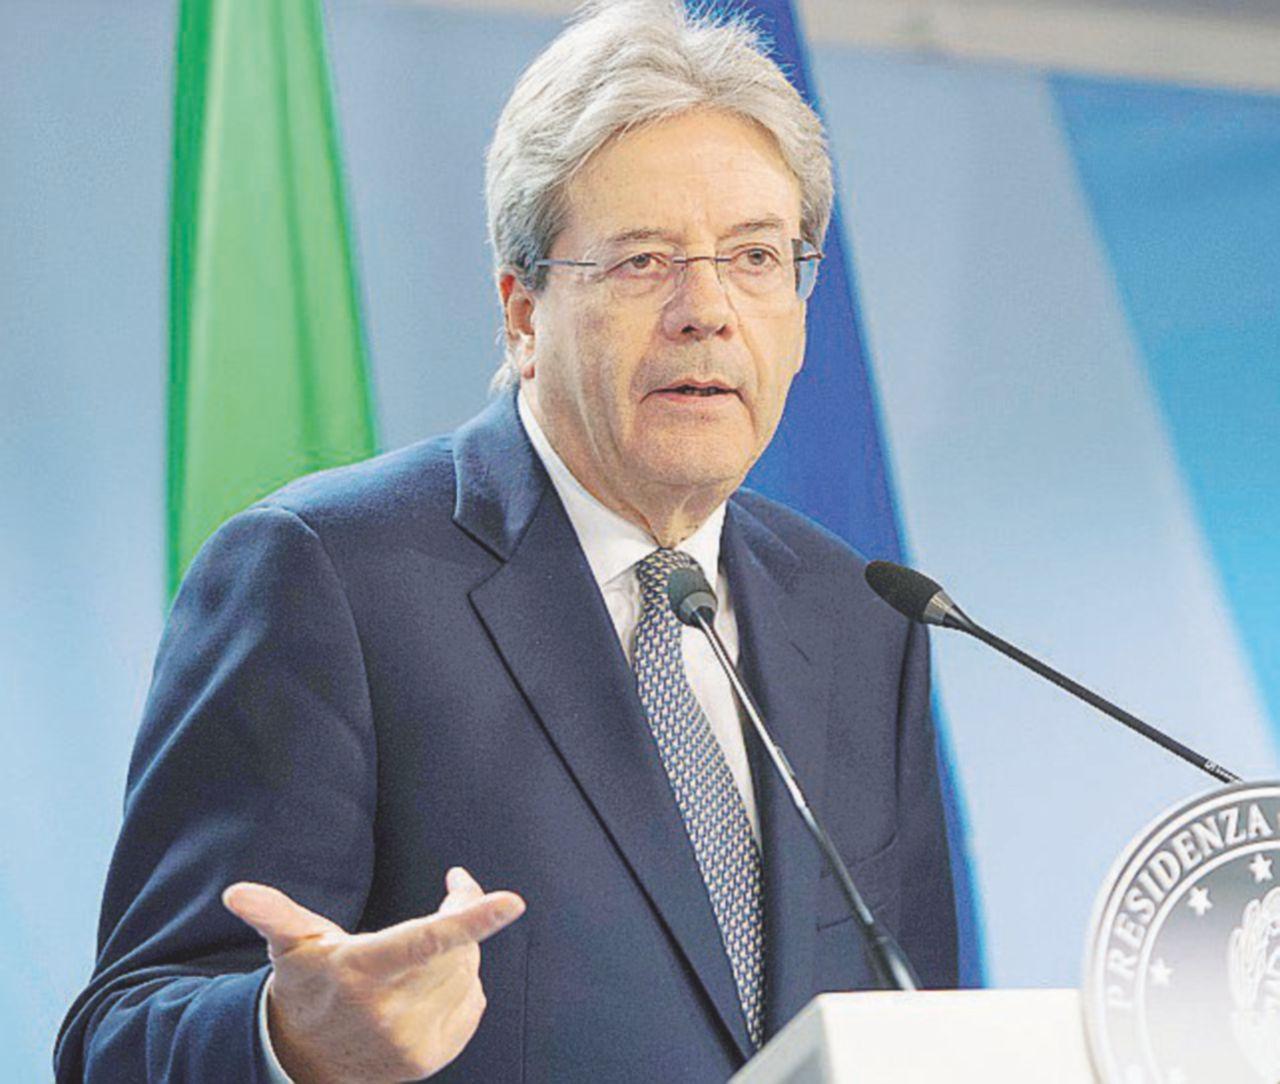 Non solo Renzi, il governo salva il soldato Boschi